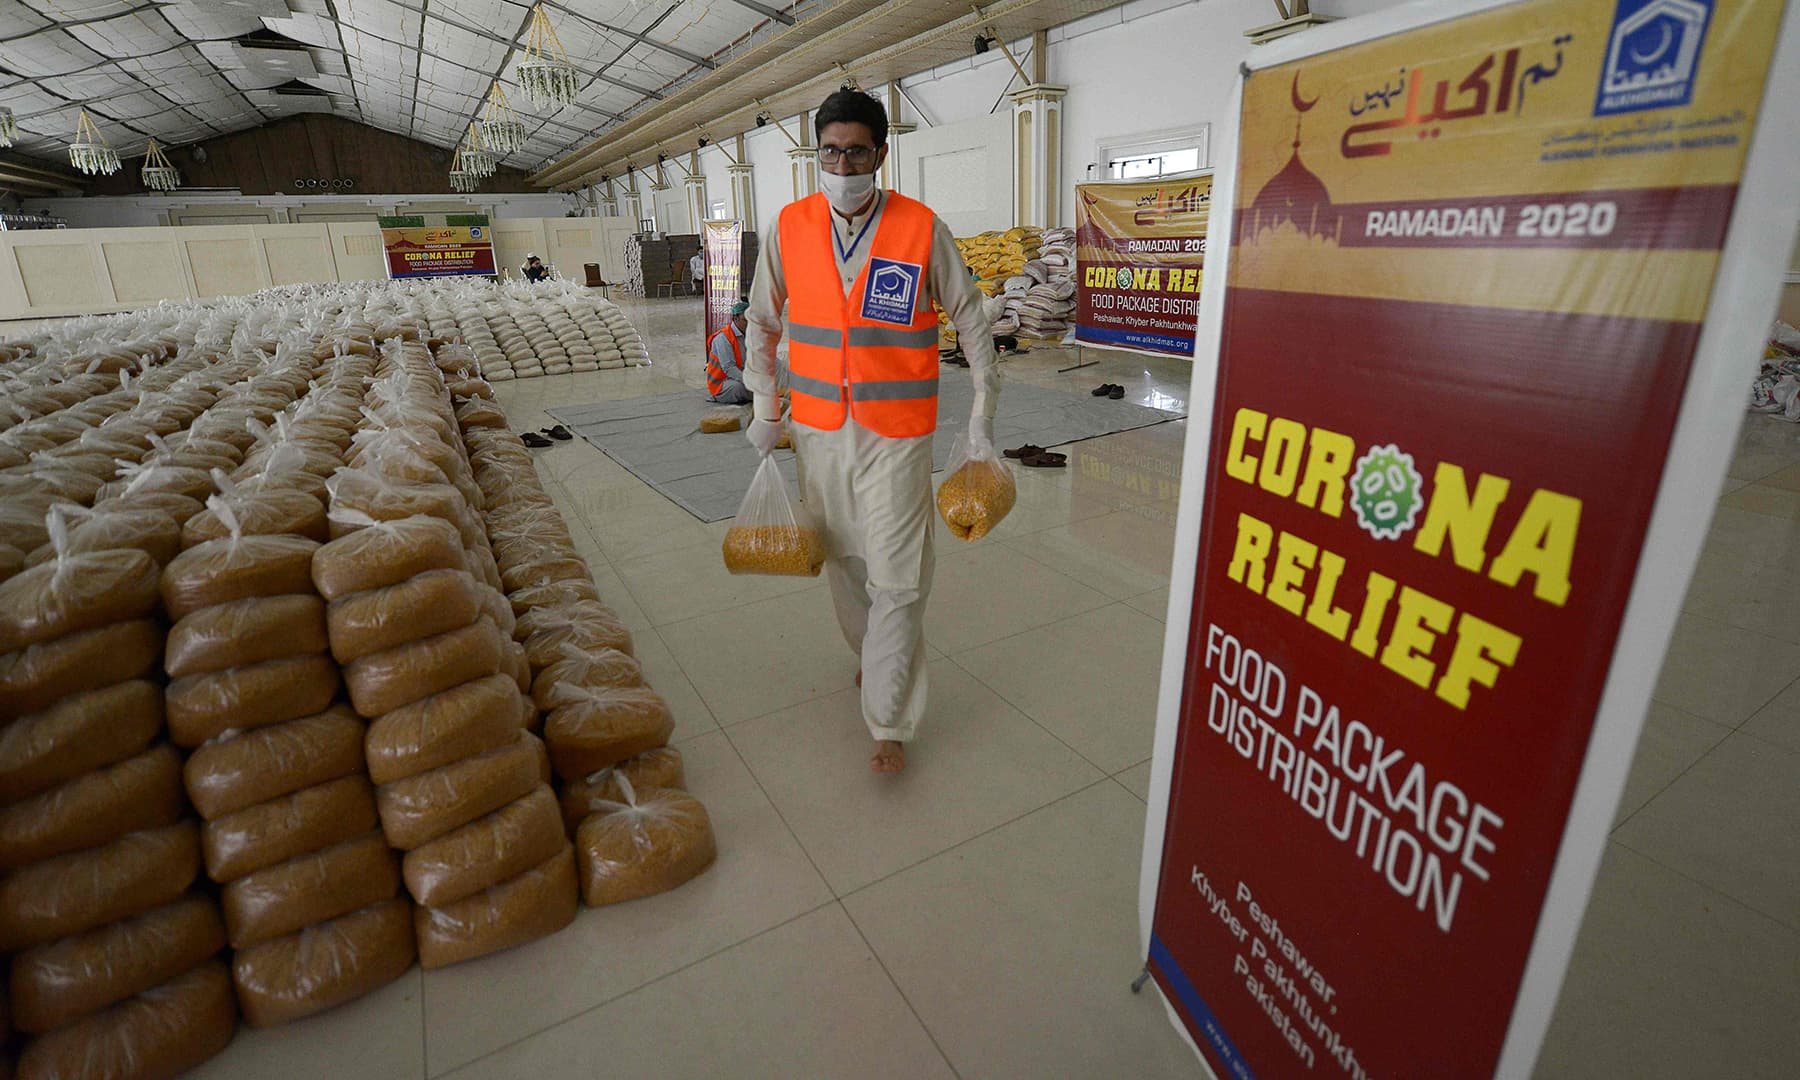 An activistof Al-Khidmat Foundationarranges food for distribution inPeshawar on April 25. — AFP